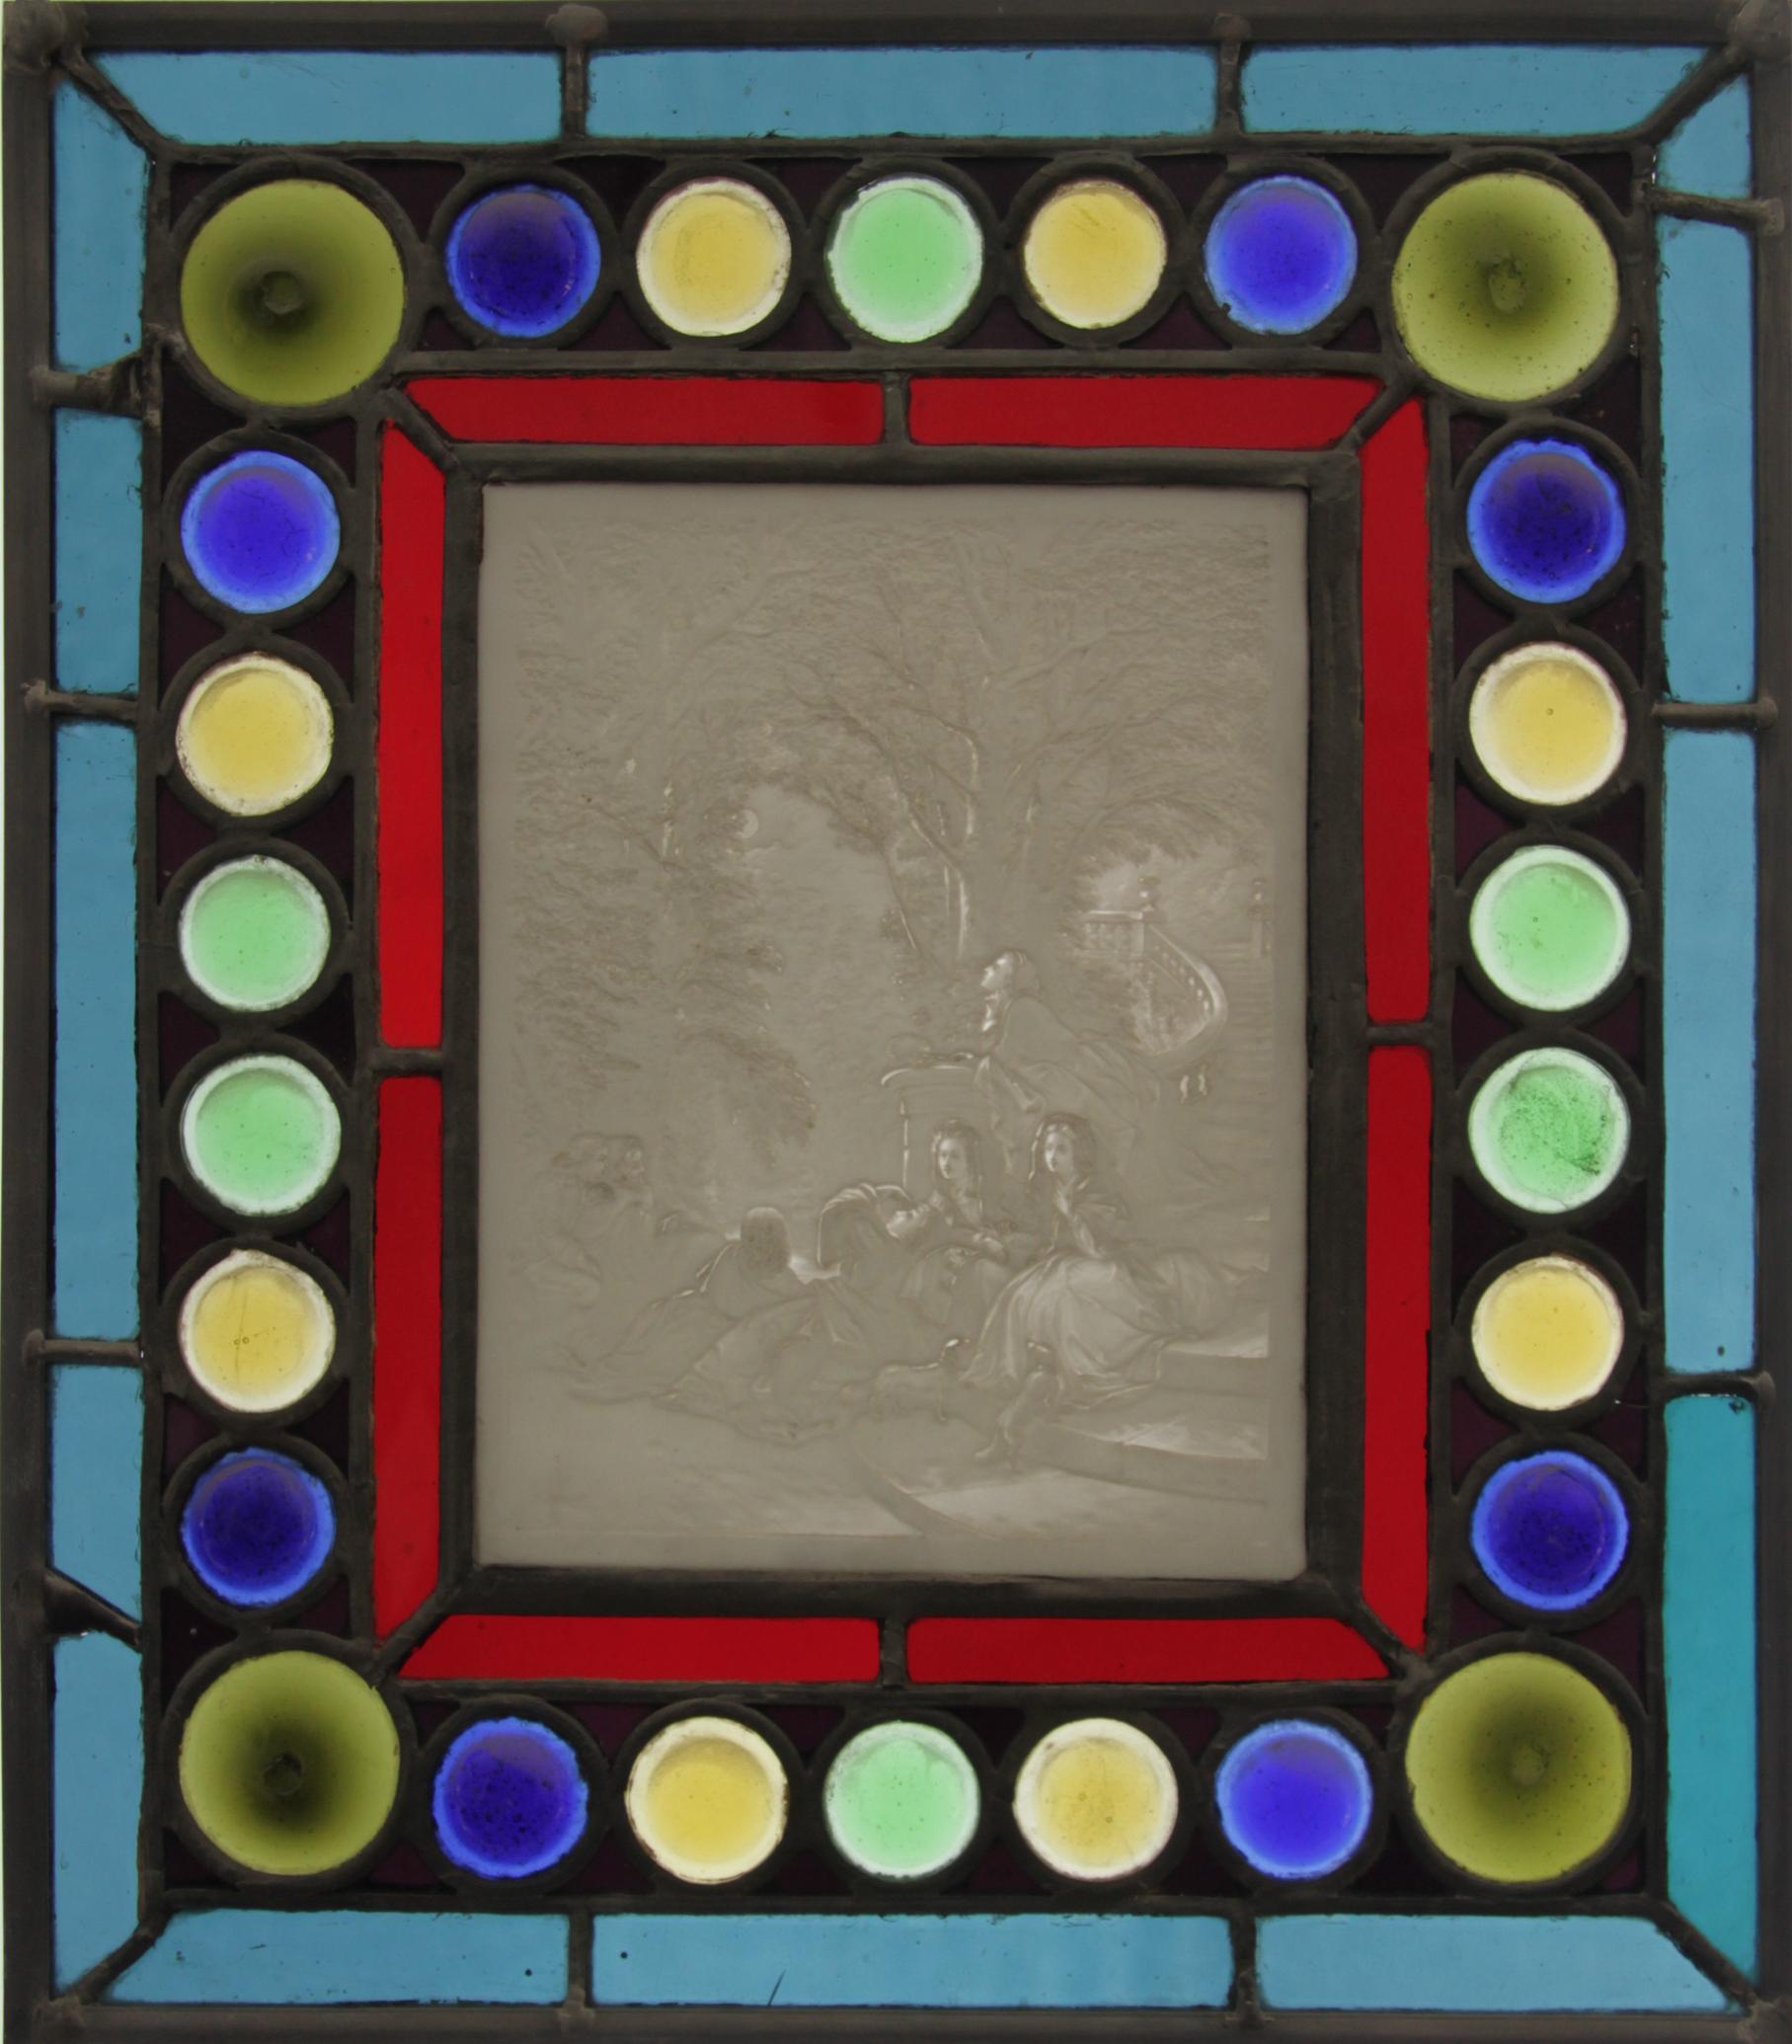 Lithophanie – Porzelanguss- Atelier für Glasmalerei - Peter Kuster